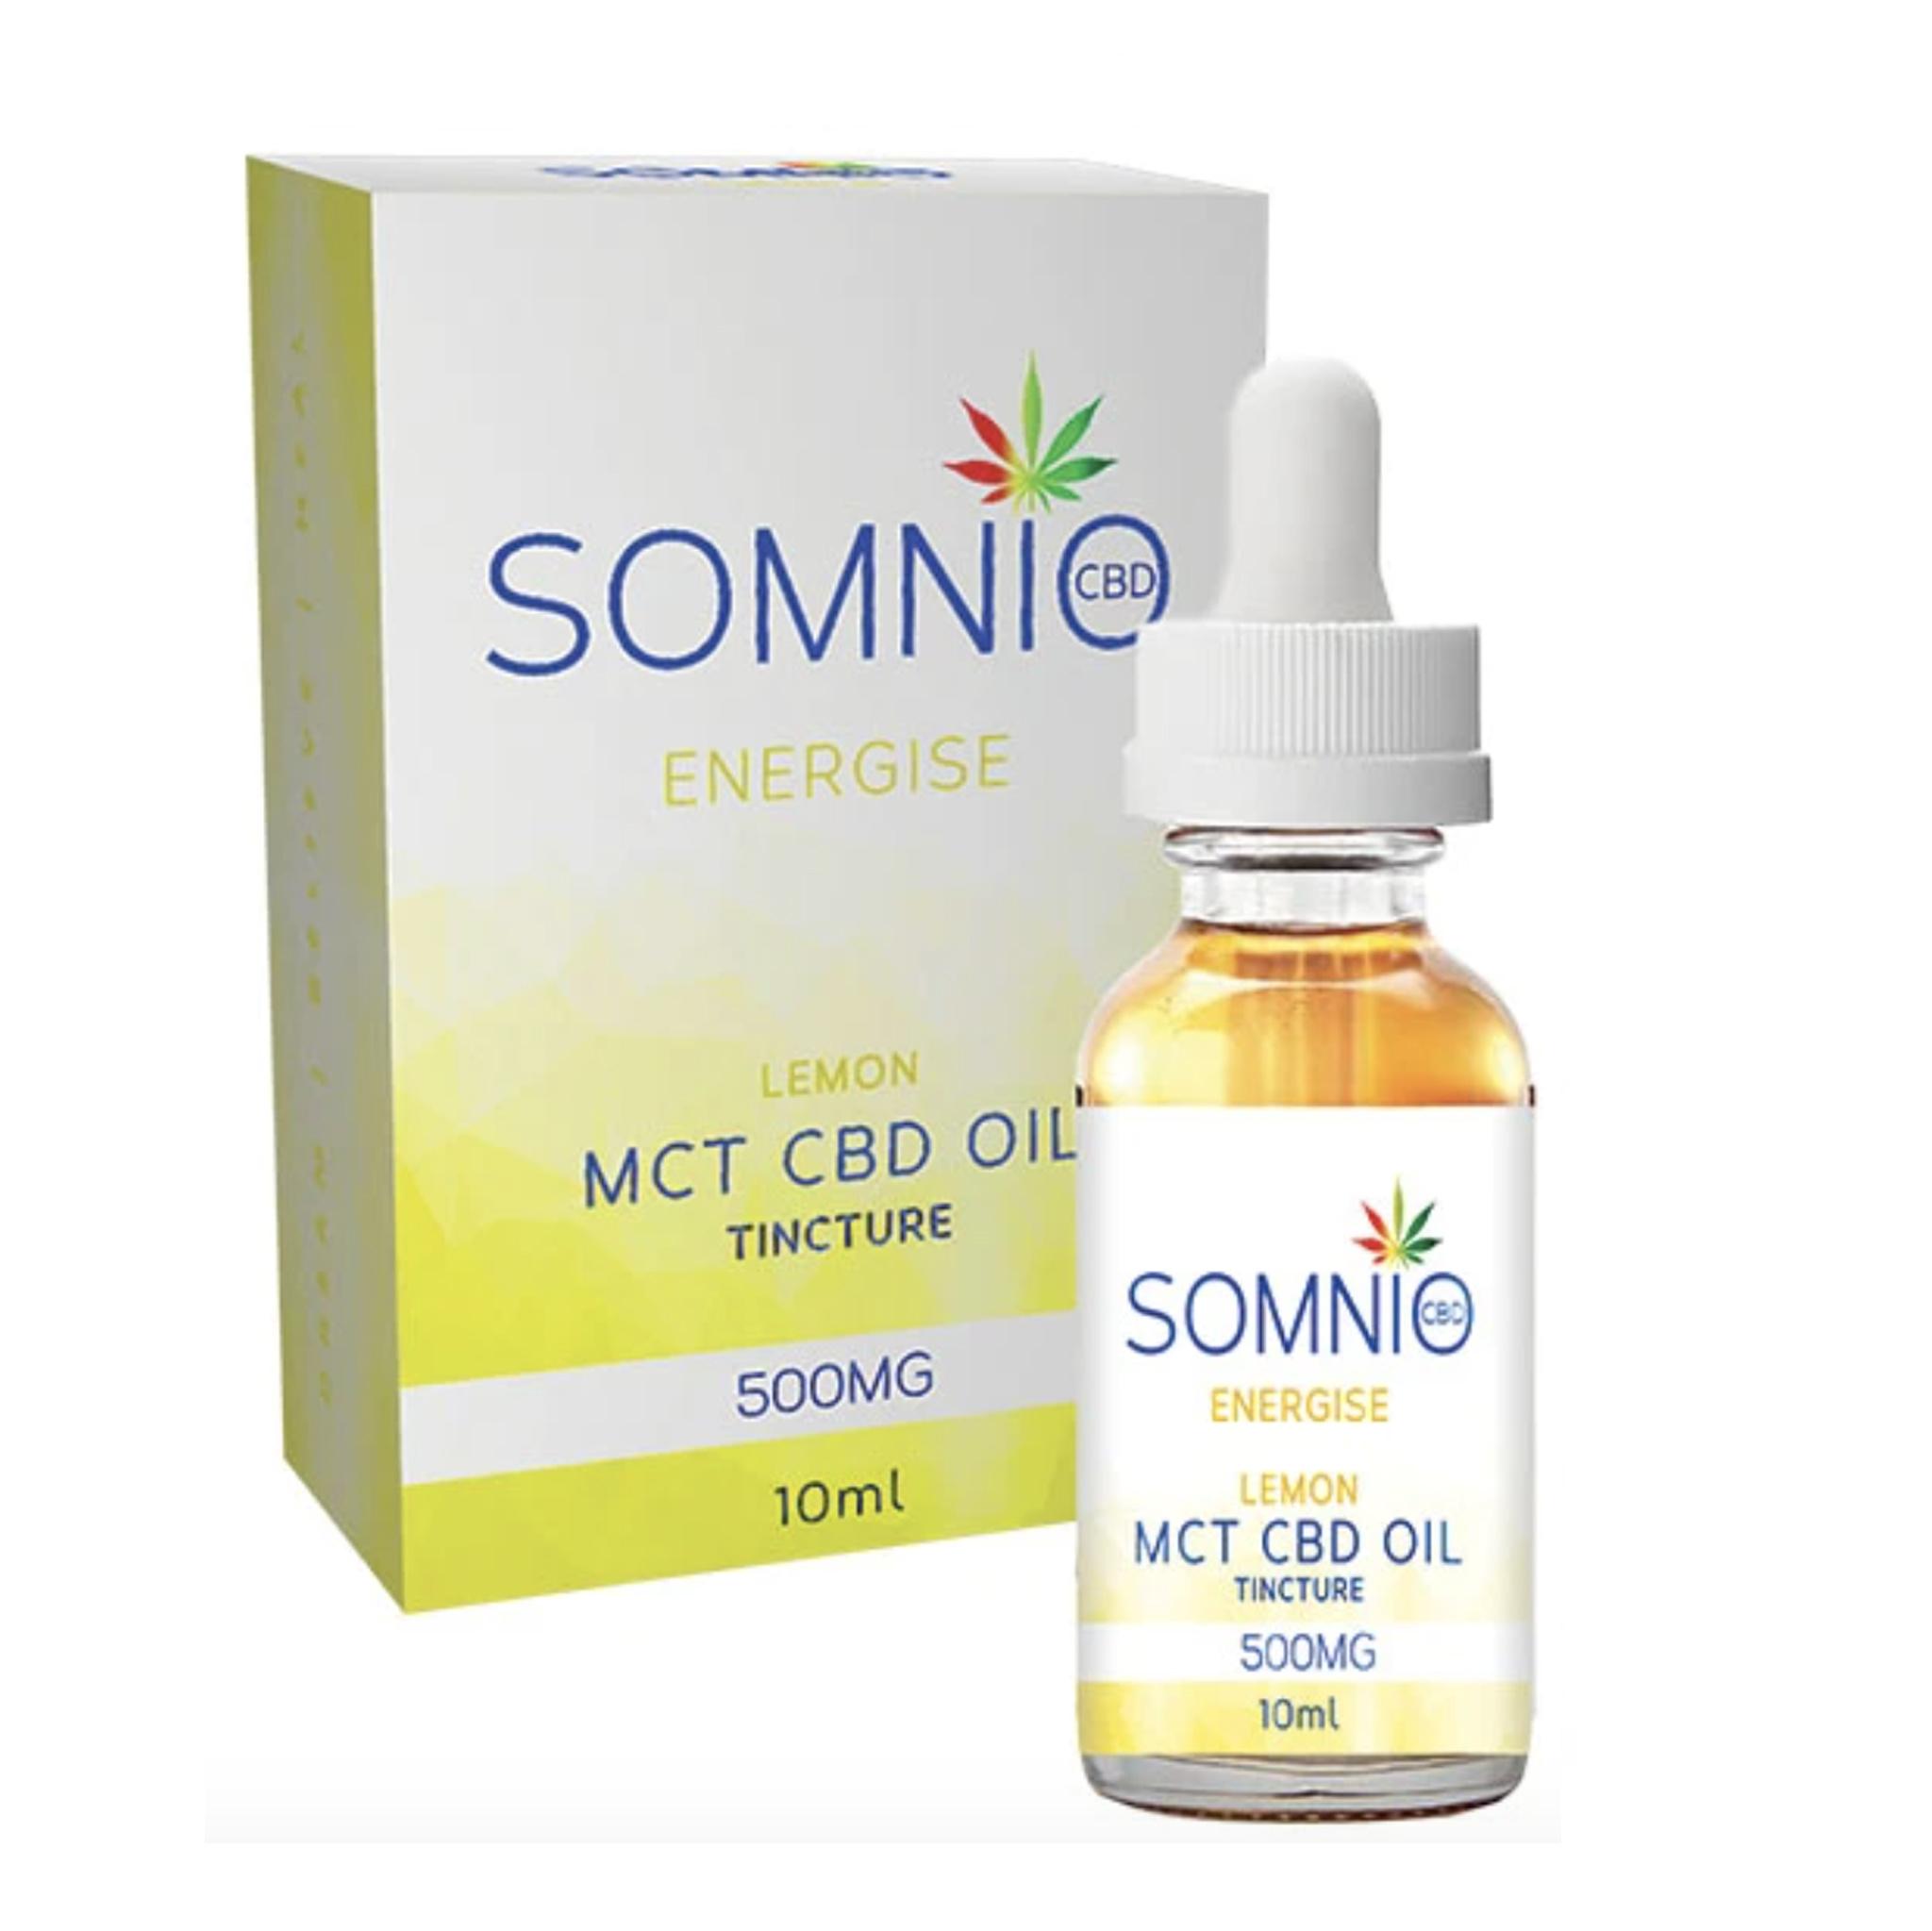 Somnio Energize MCT CBD Oil Tincture: Lemon - 10ml